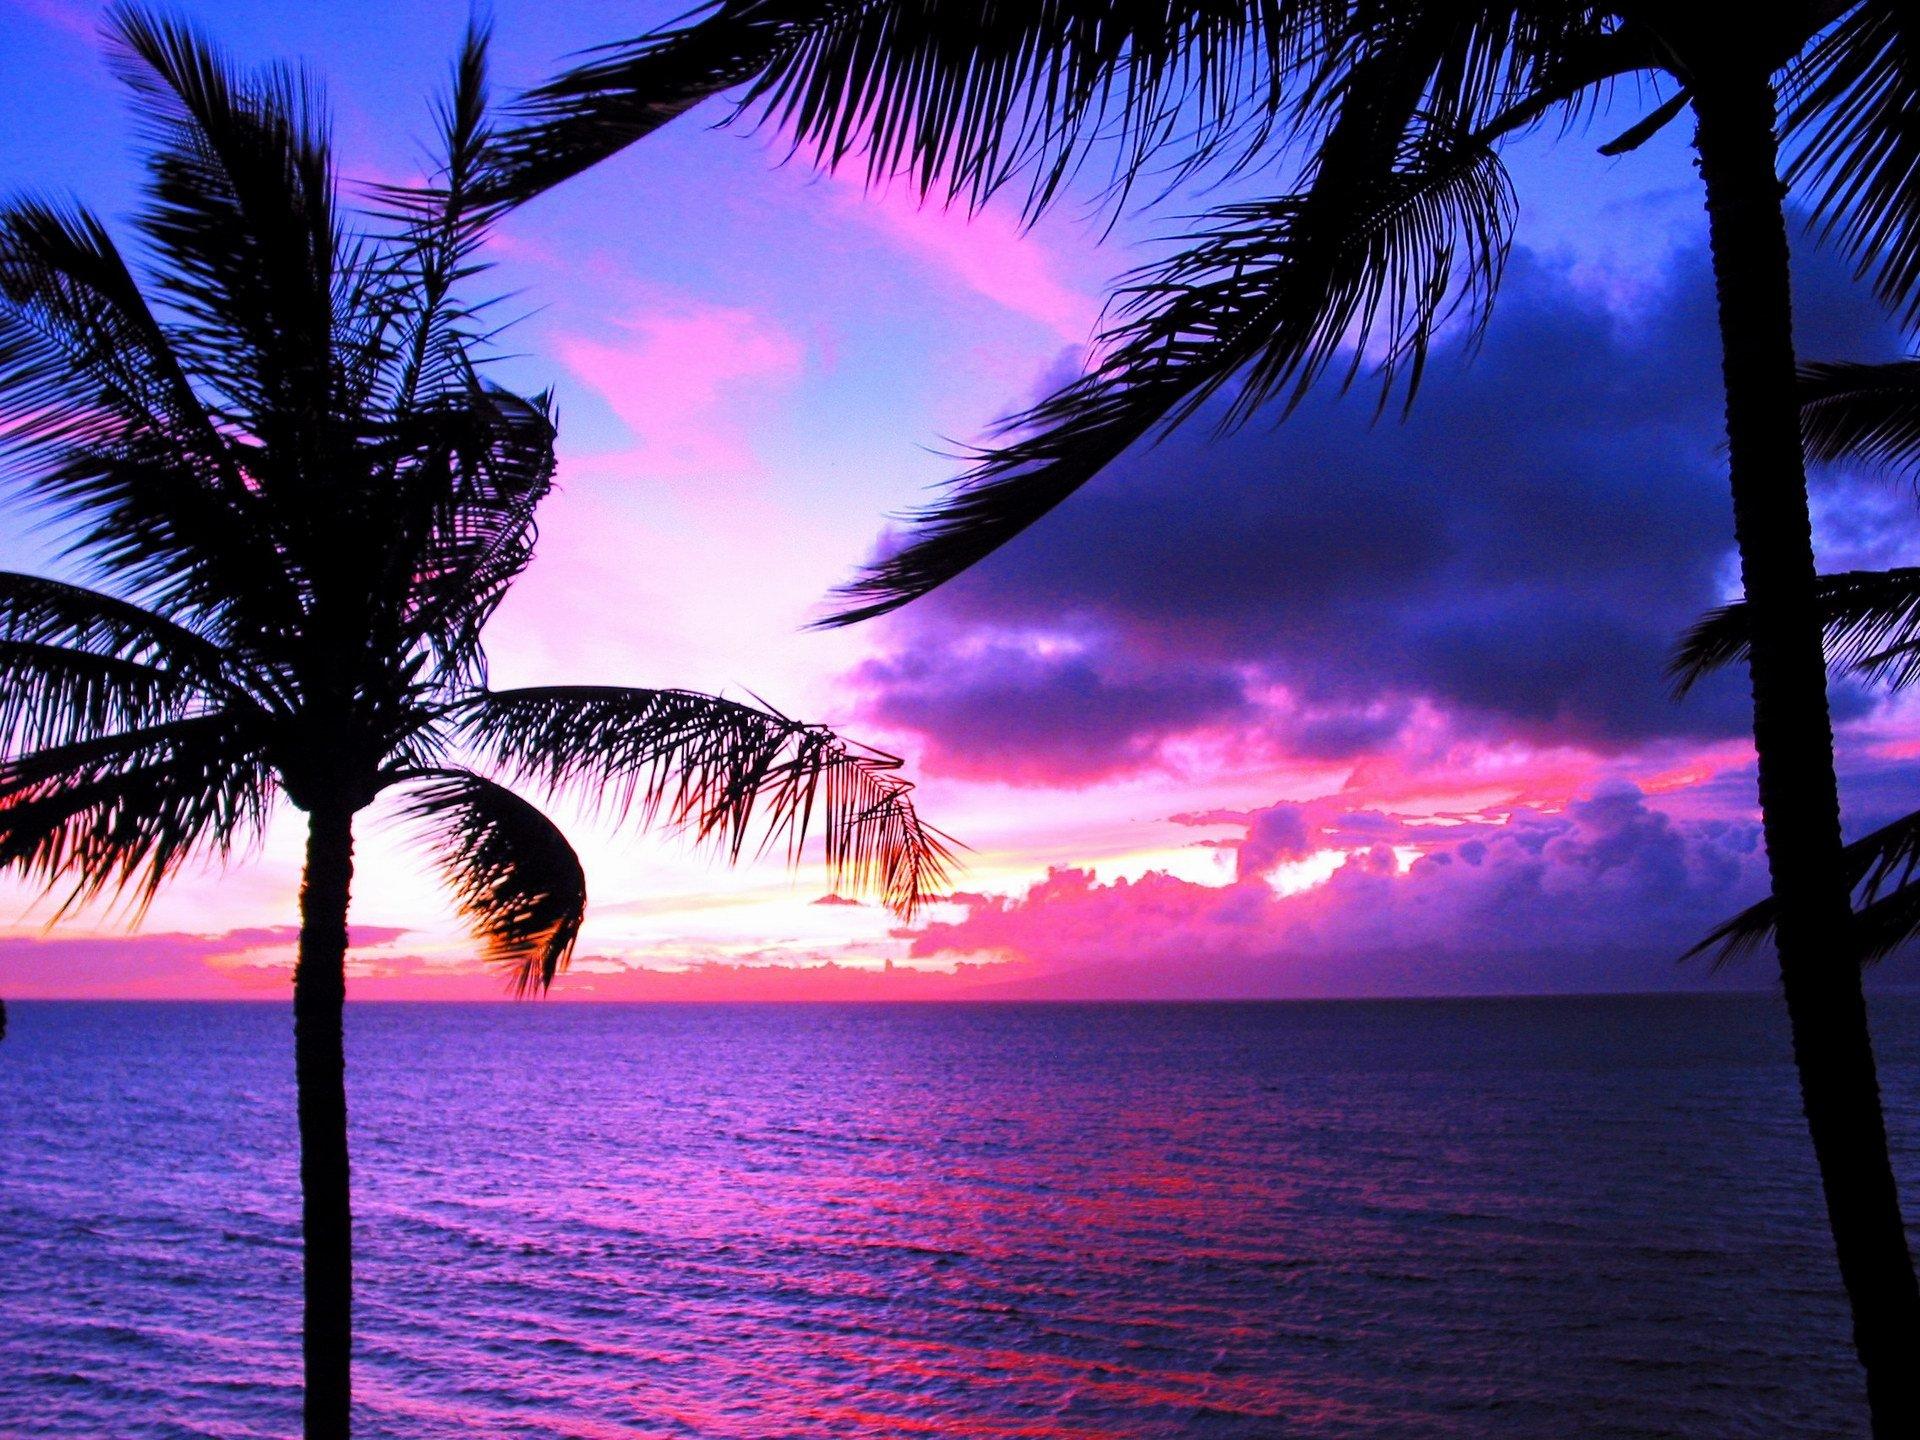 Hawaii Sunset Desktop Wallpaper 16294 Full HD Wallpaper Desktop ...